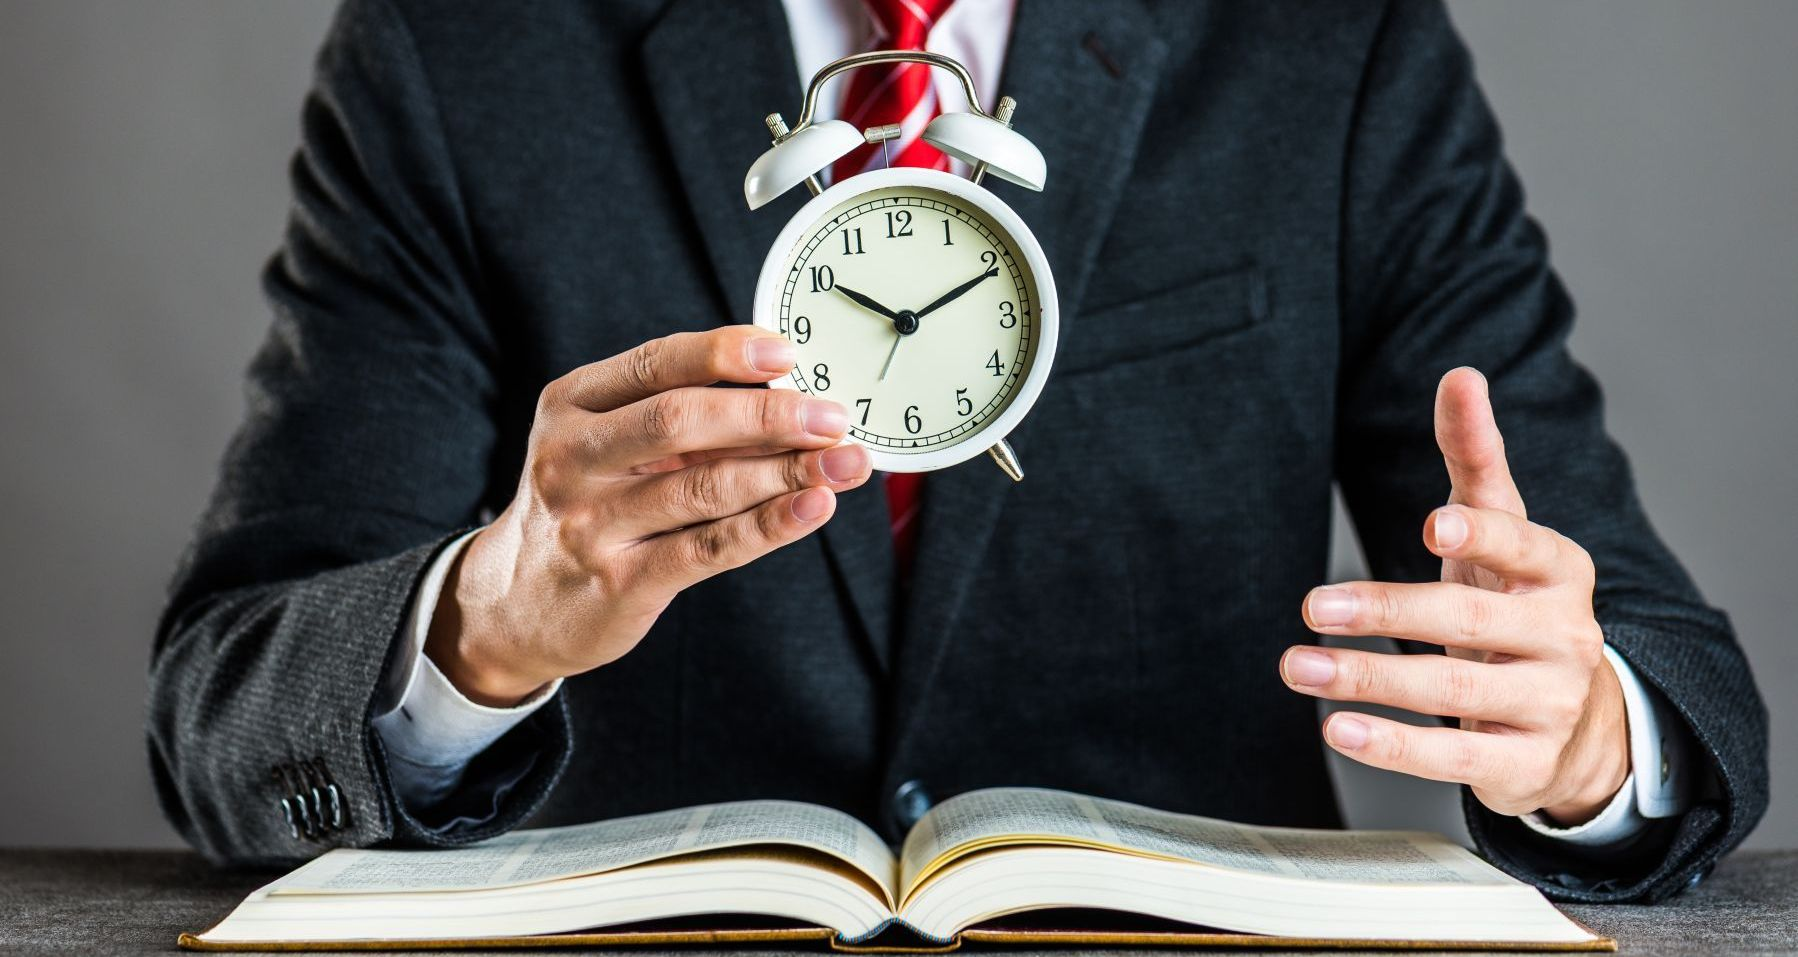 遲到是「扣薪」還是「不計薪」,是否公司內規怎麼寫就要怎麼扣款呢?